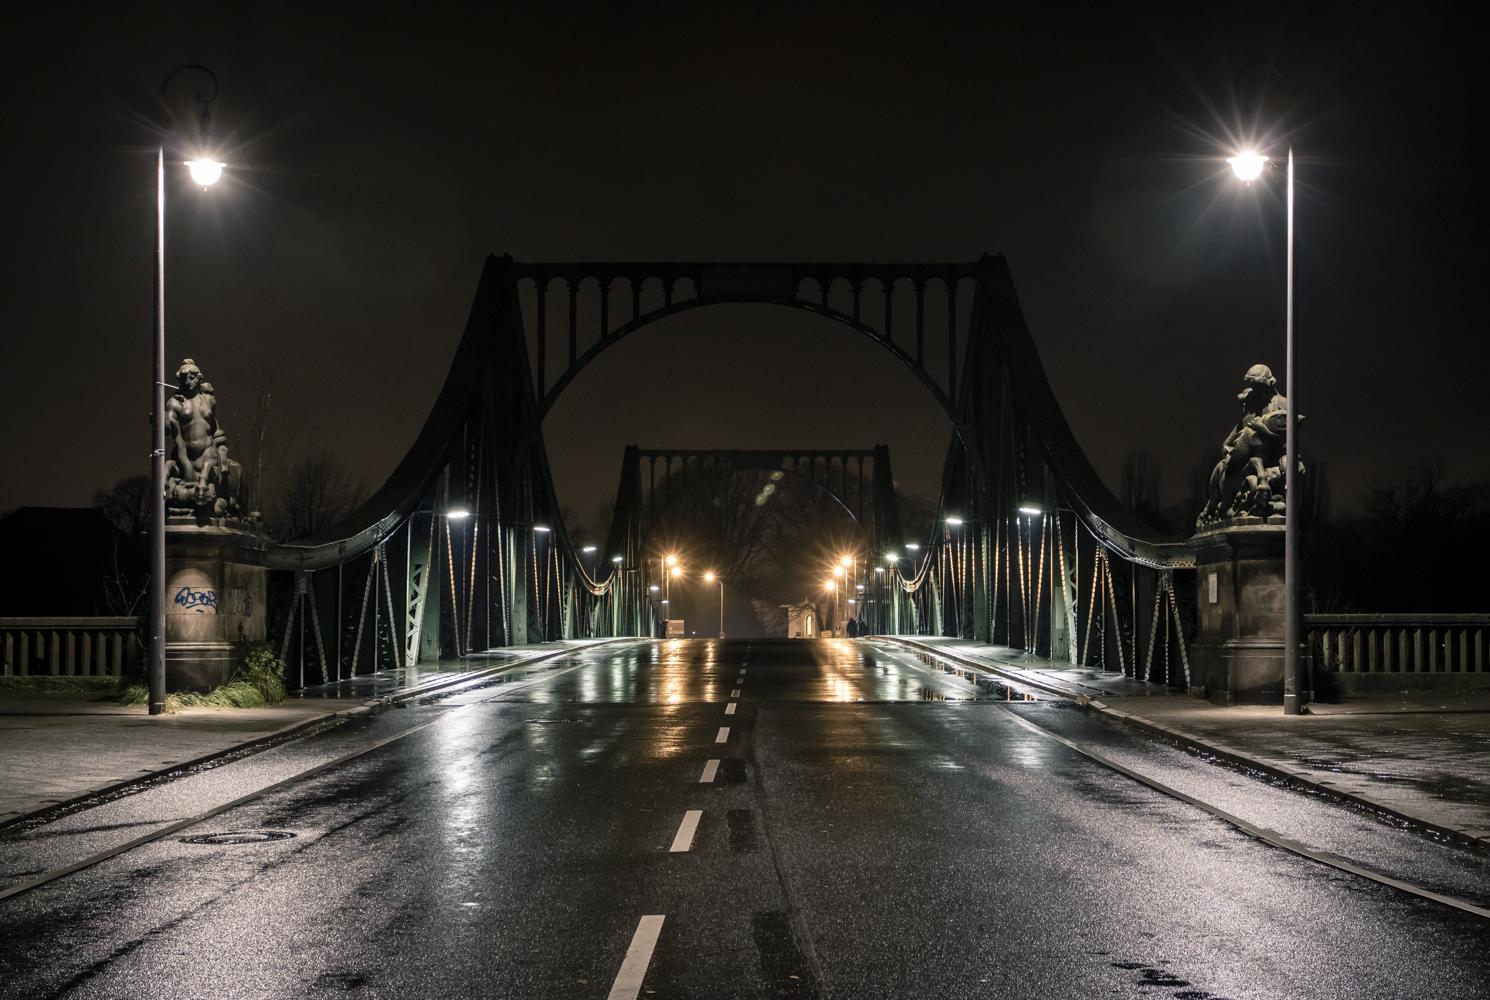 Gleinicker Brücke (Bridge of spies), Germany